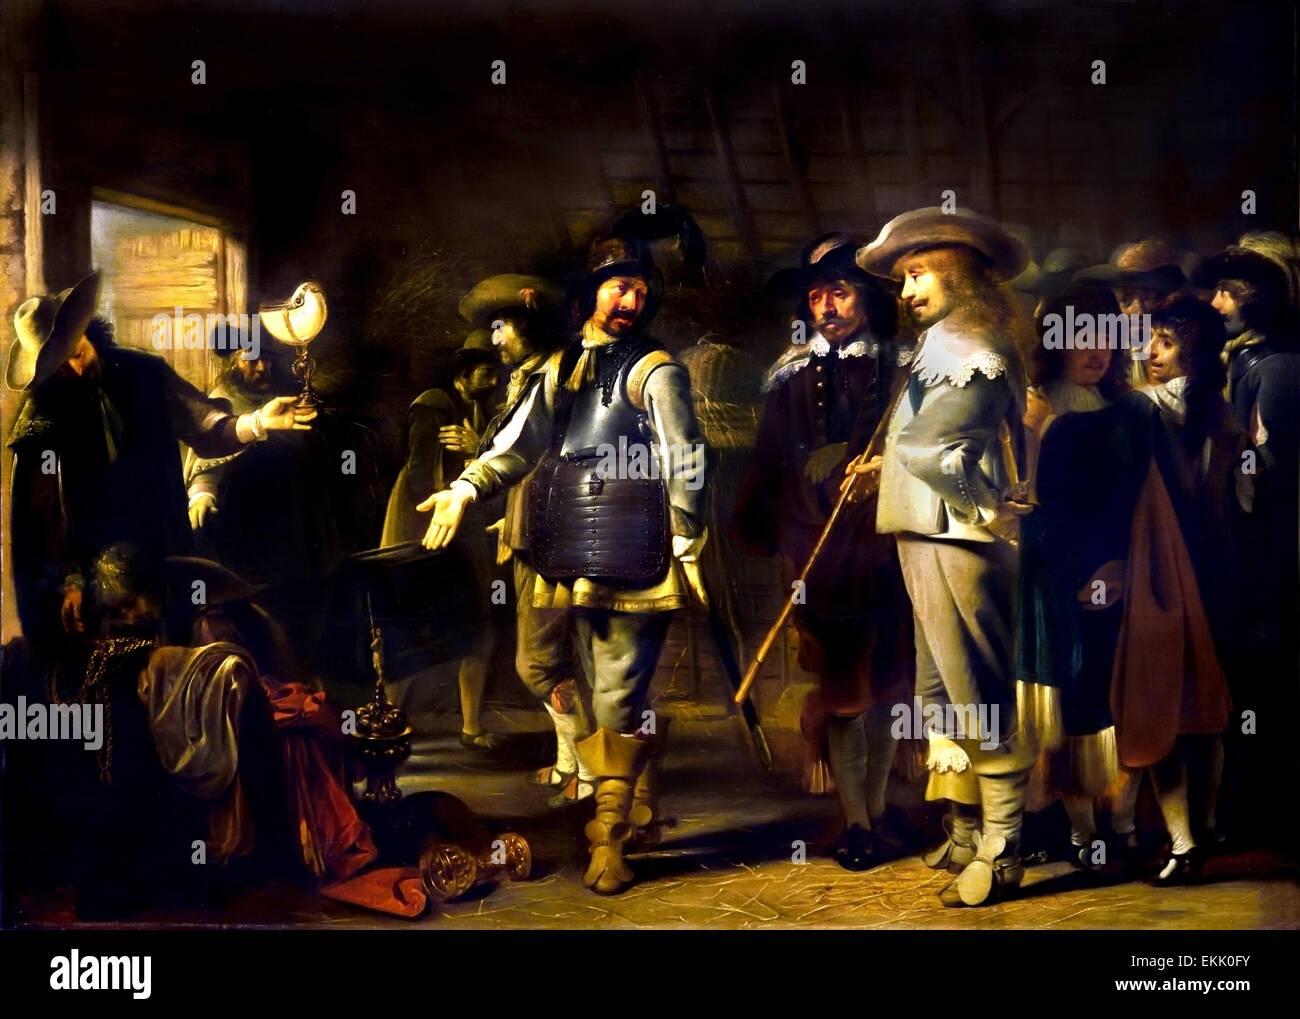 Diviser les soldats leur butin 1639 Simon Kick 1603-1652 Pays-Bas Néerlandais Photo Stock